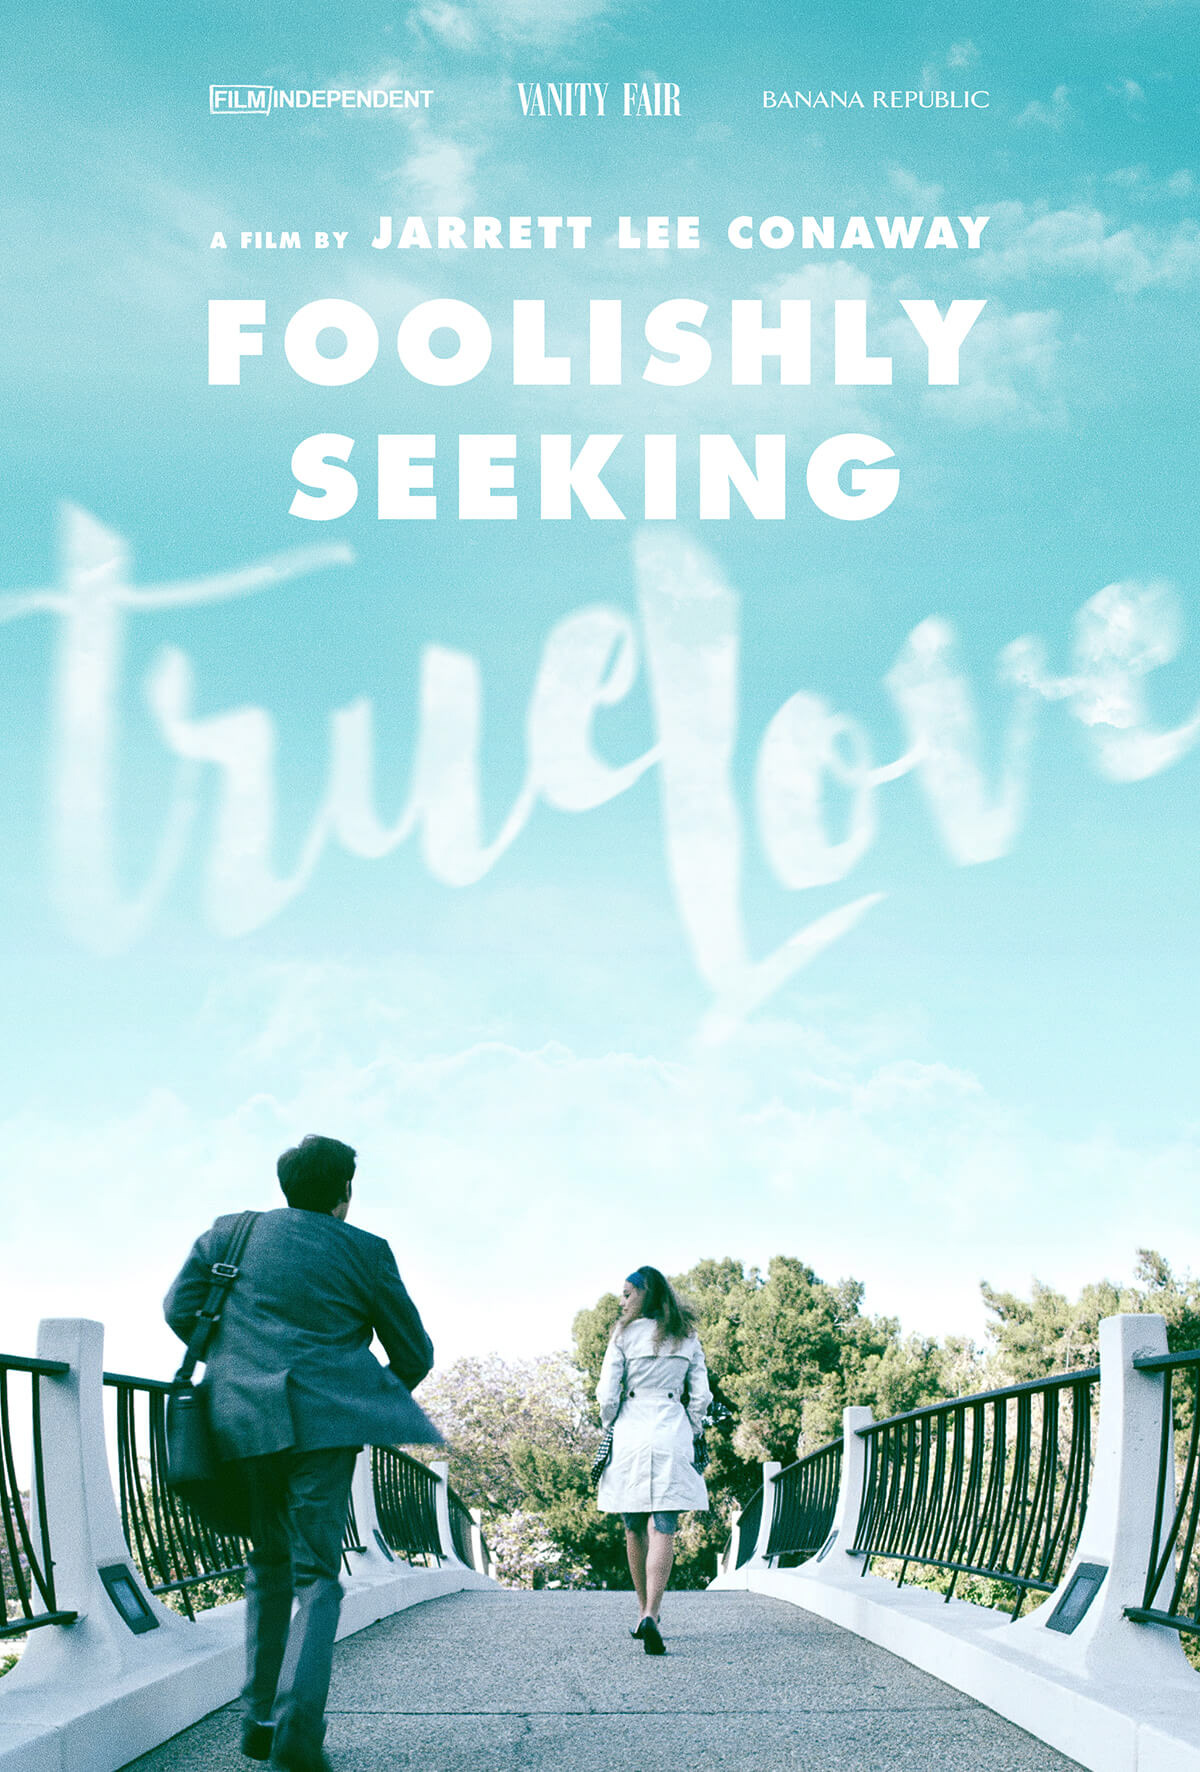 Foolishly Seeking True Love Movie Poster